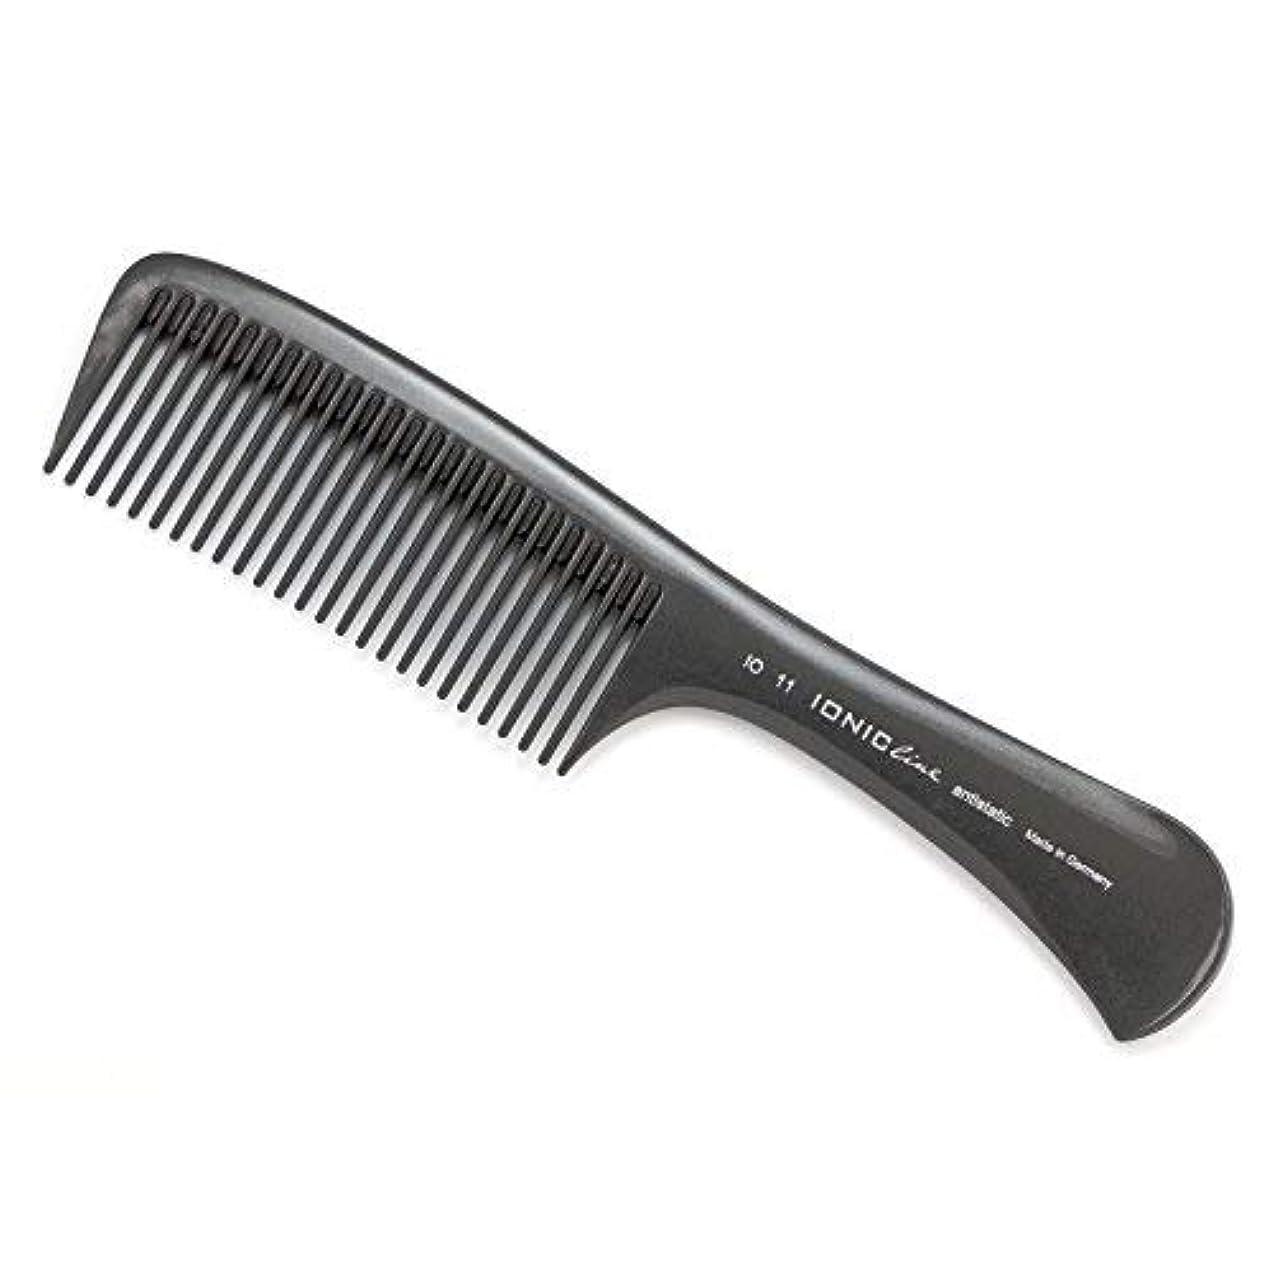 山積みの野生義務Hercules S?gemann IONIC Line Handle Comb, Big Working Comb | Ionized Thermoplastic - Made in Germany [並行輸入品]